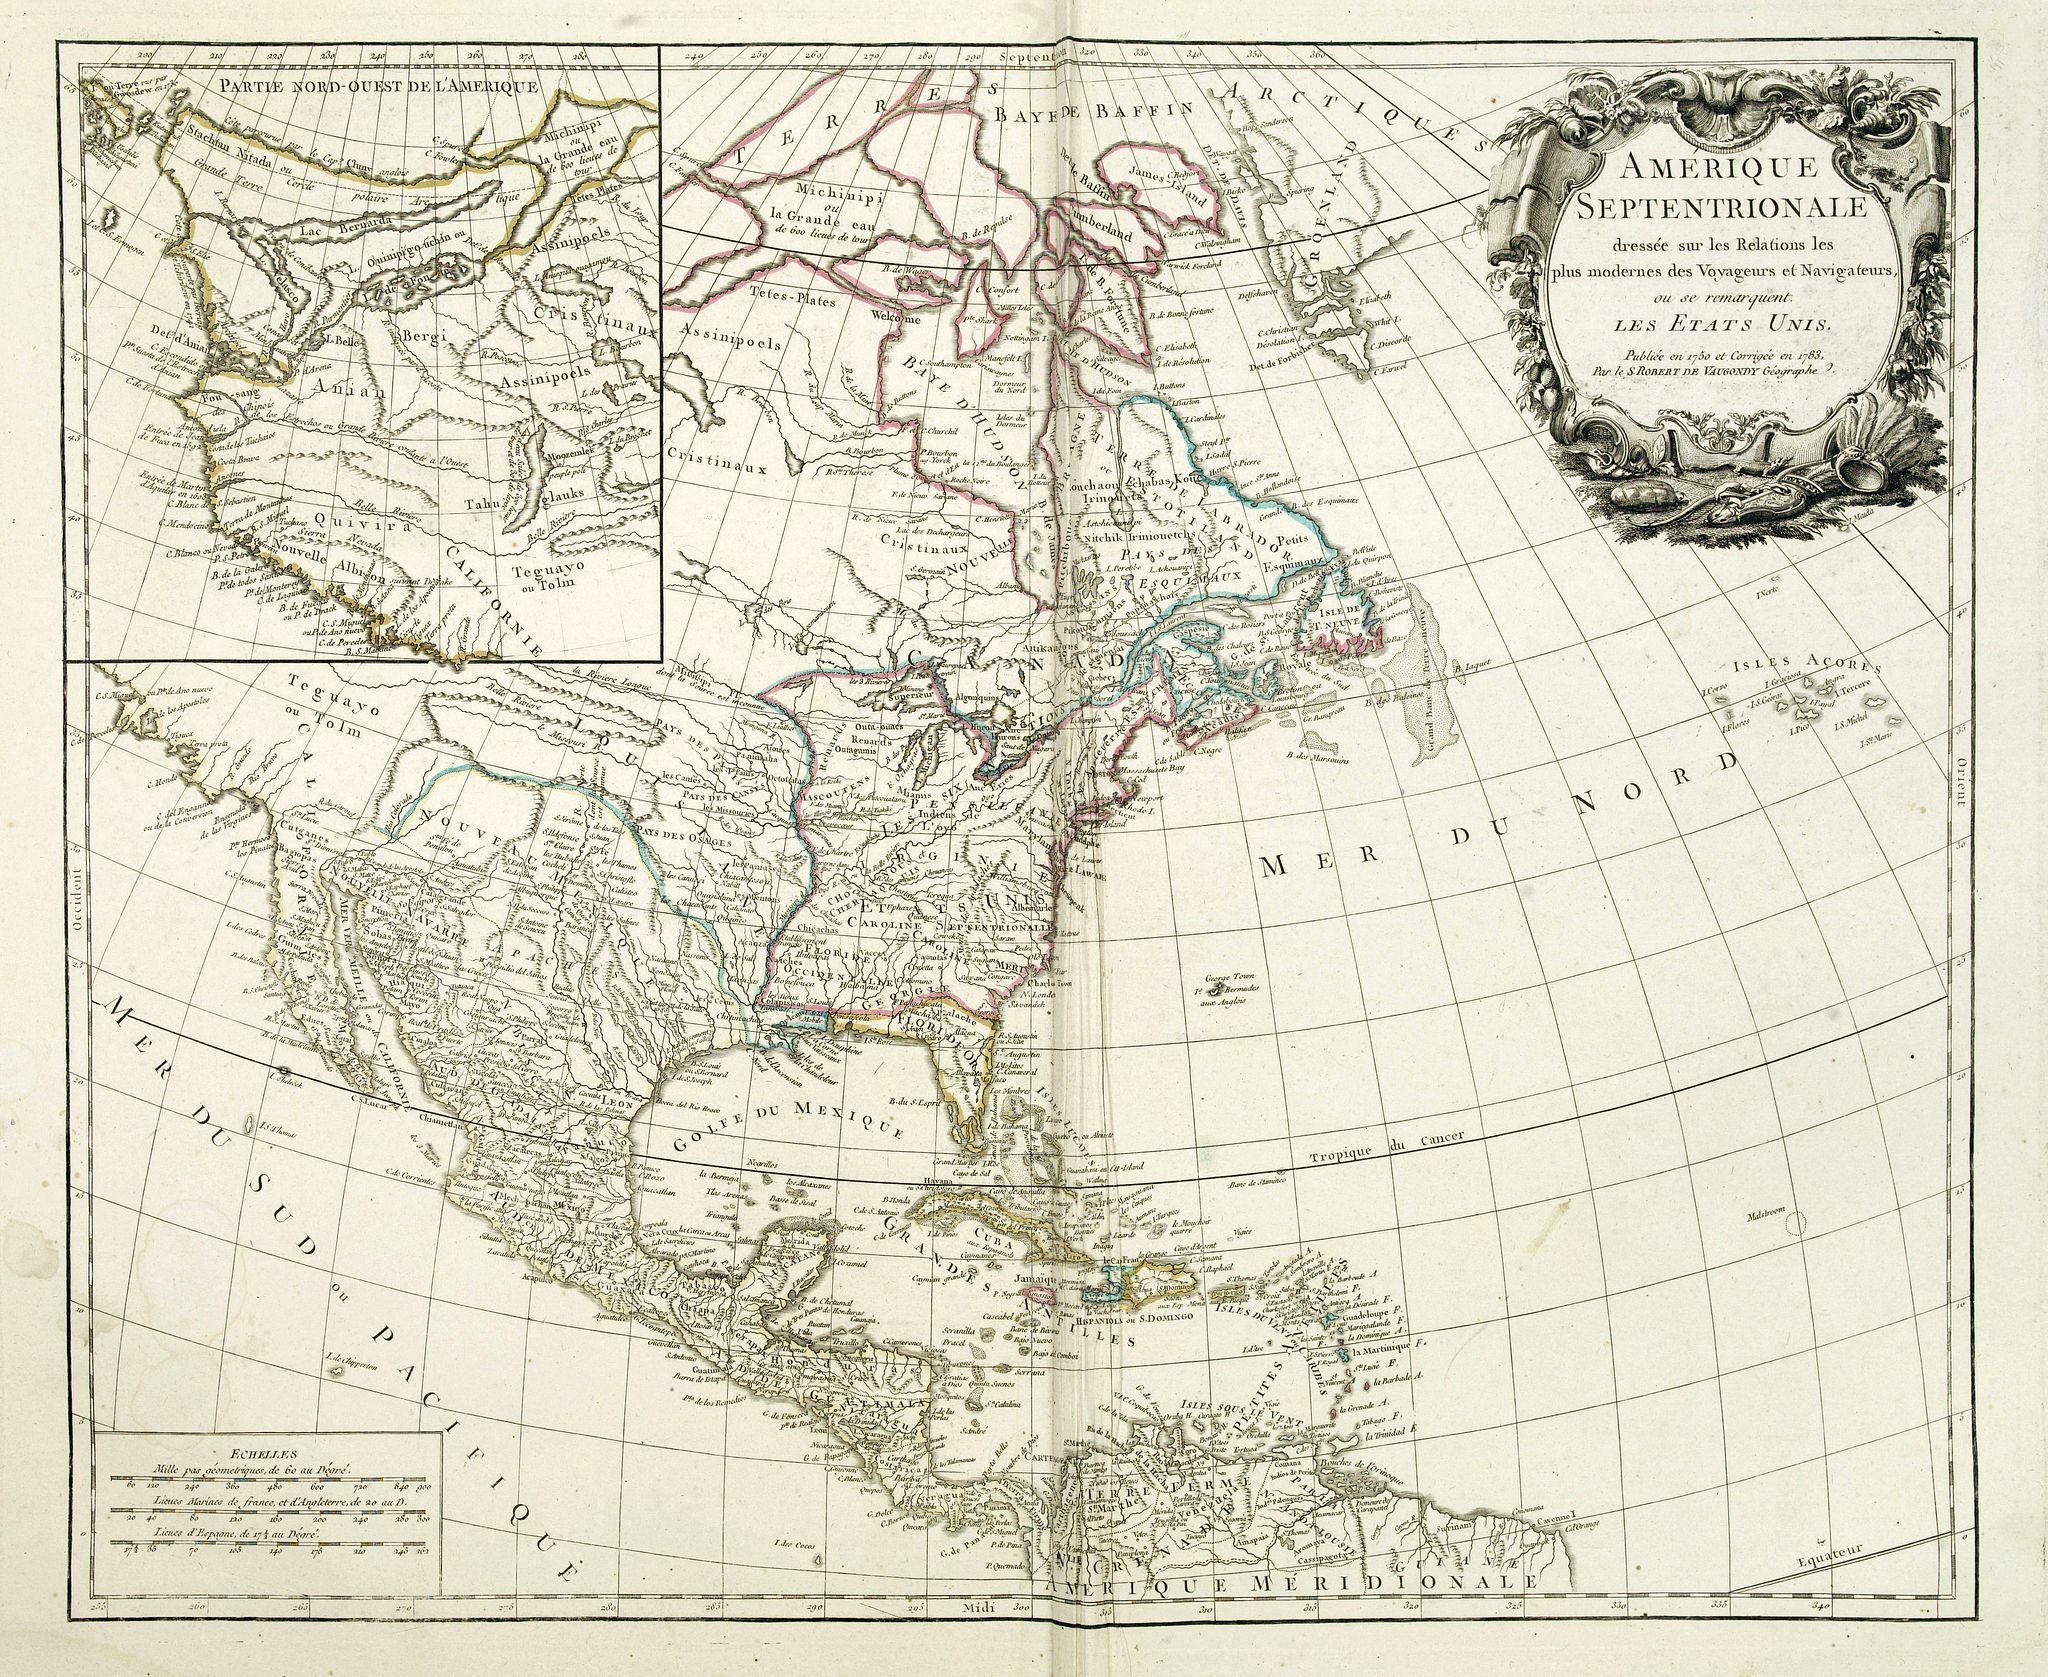 VAUGONDY, R. de -  AMERIQUE SEPTENTRIONALE dressée sur les Relations les plus modernes des Voyageurs et Navigateurs ou se remarquent LES ETATS UNIS. . .